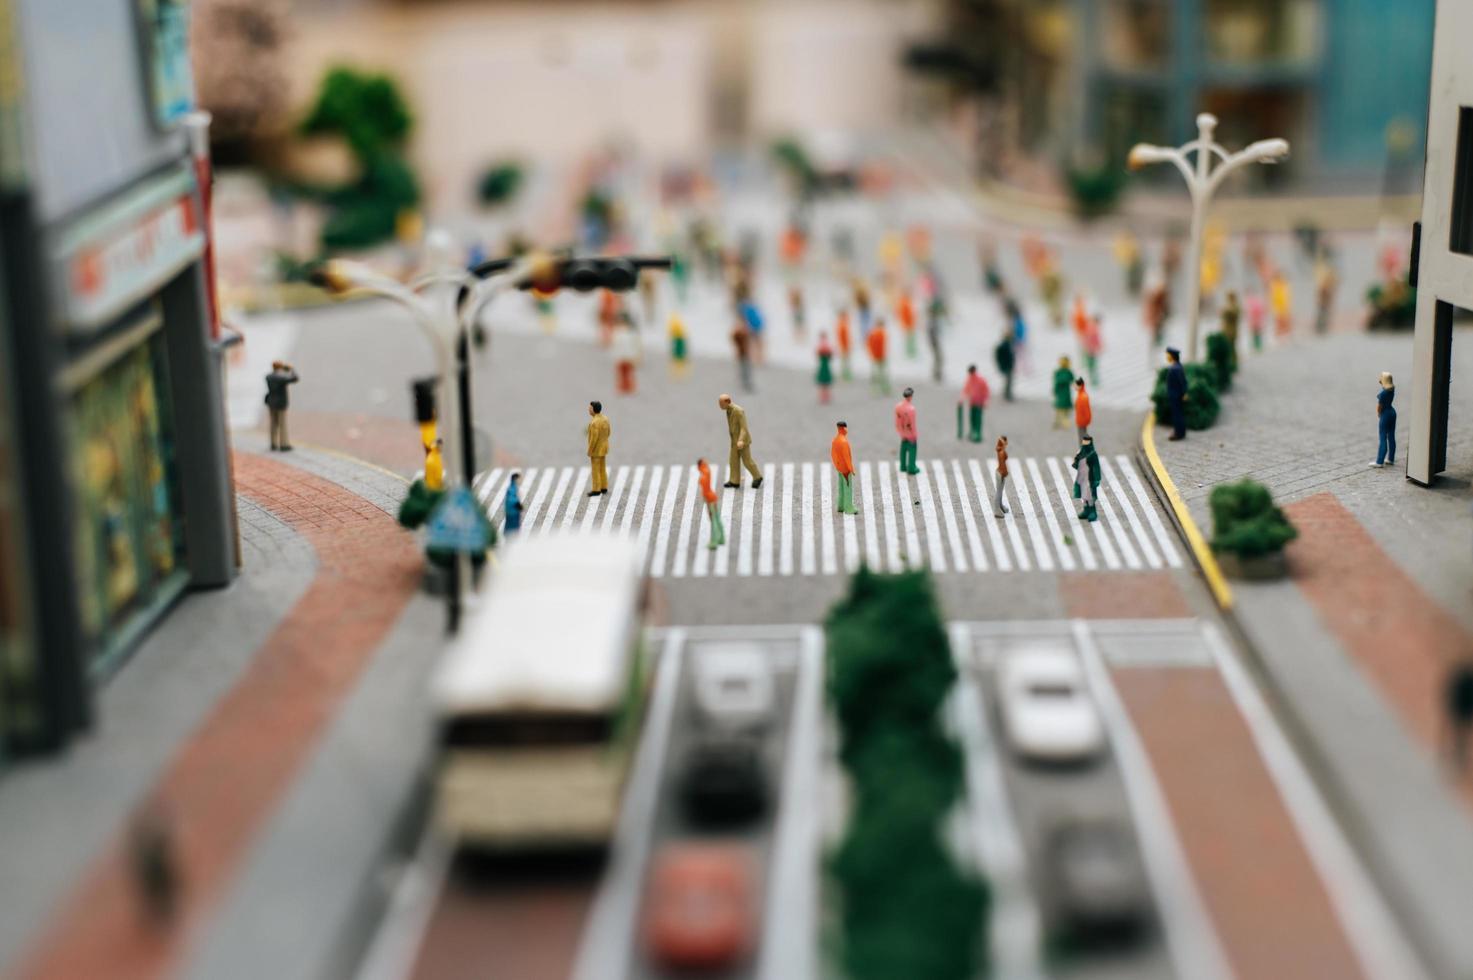 kleine Leute gehen auf vielen Straßen foto